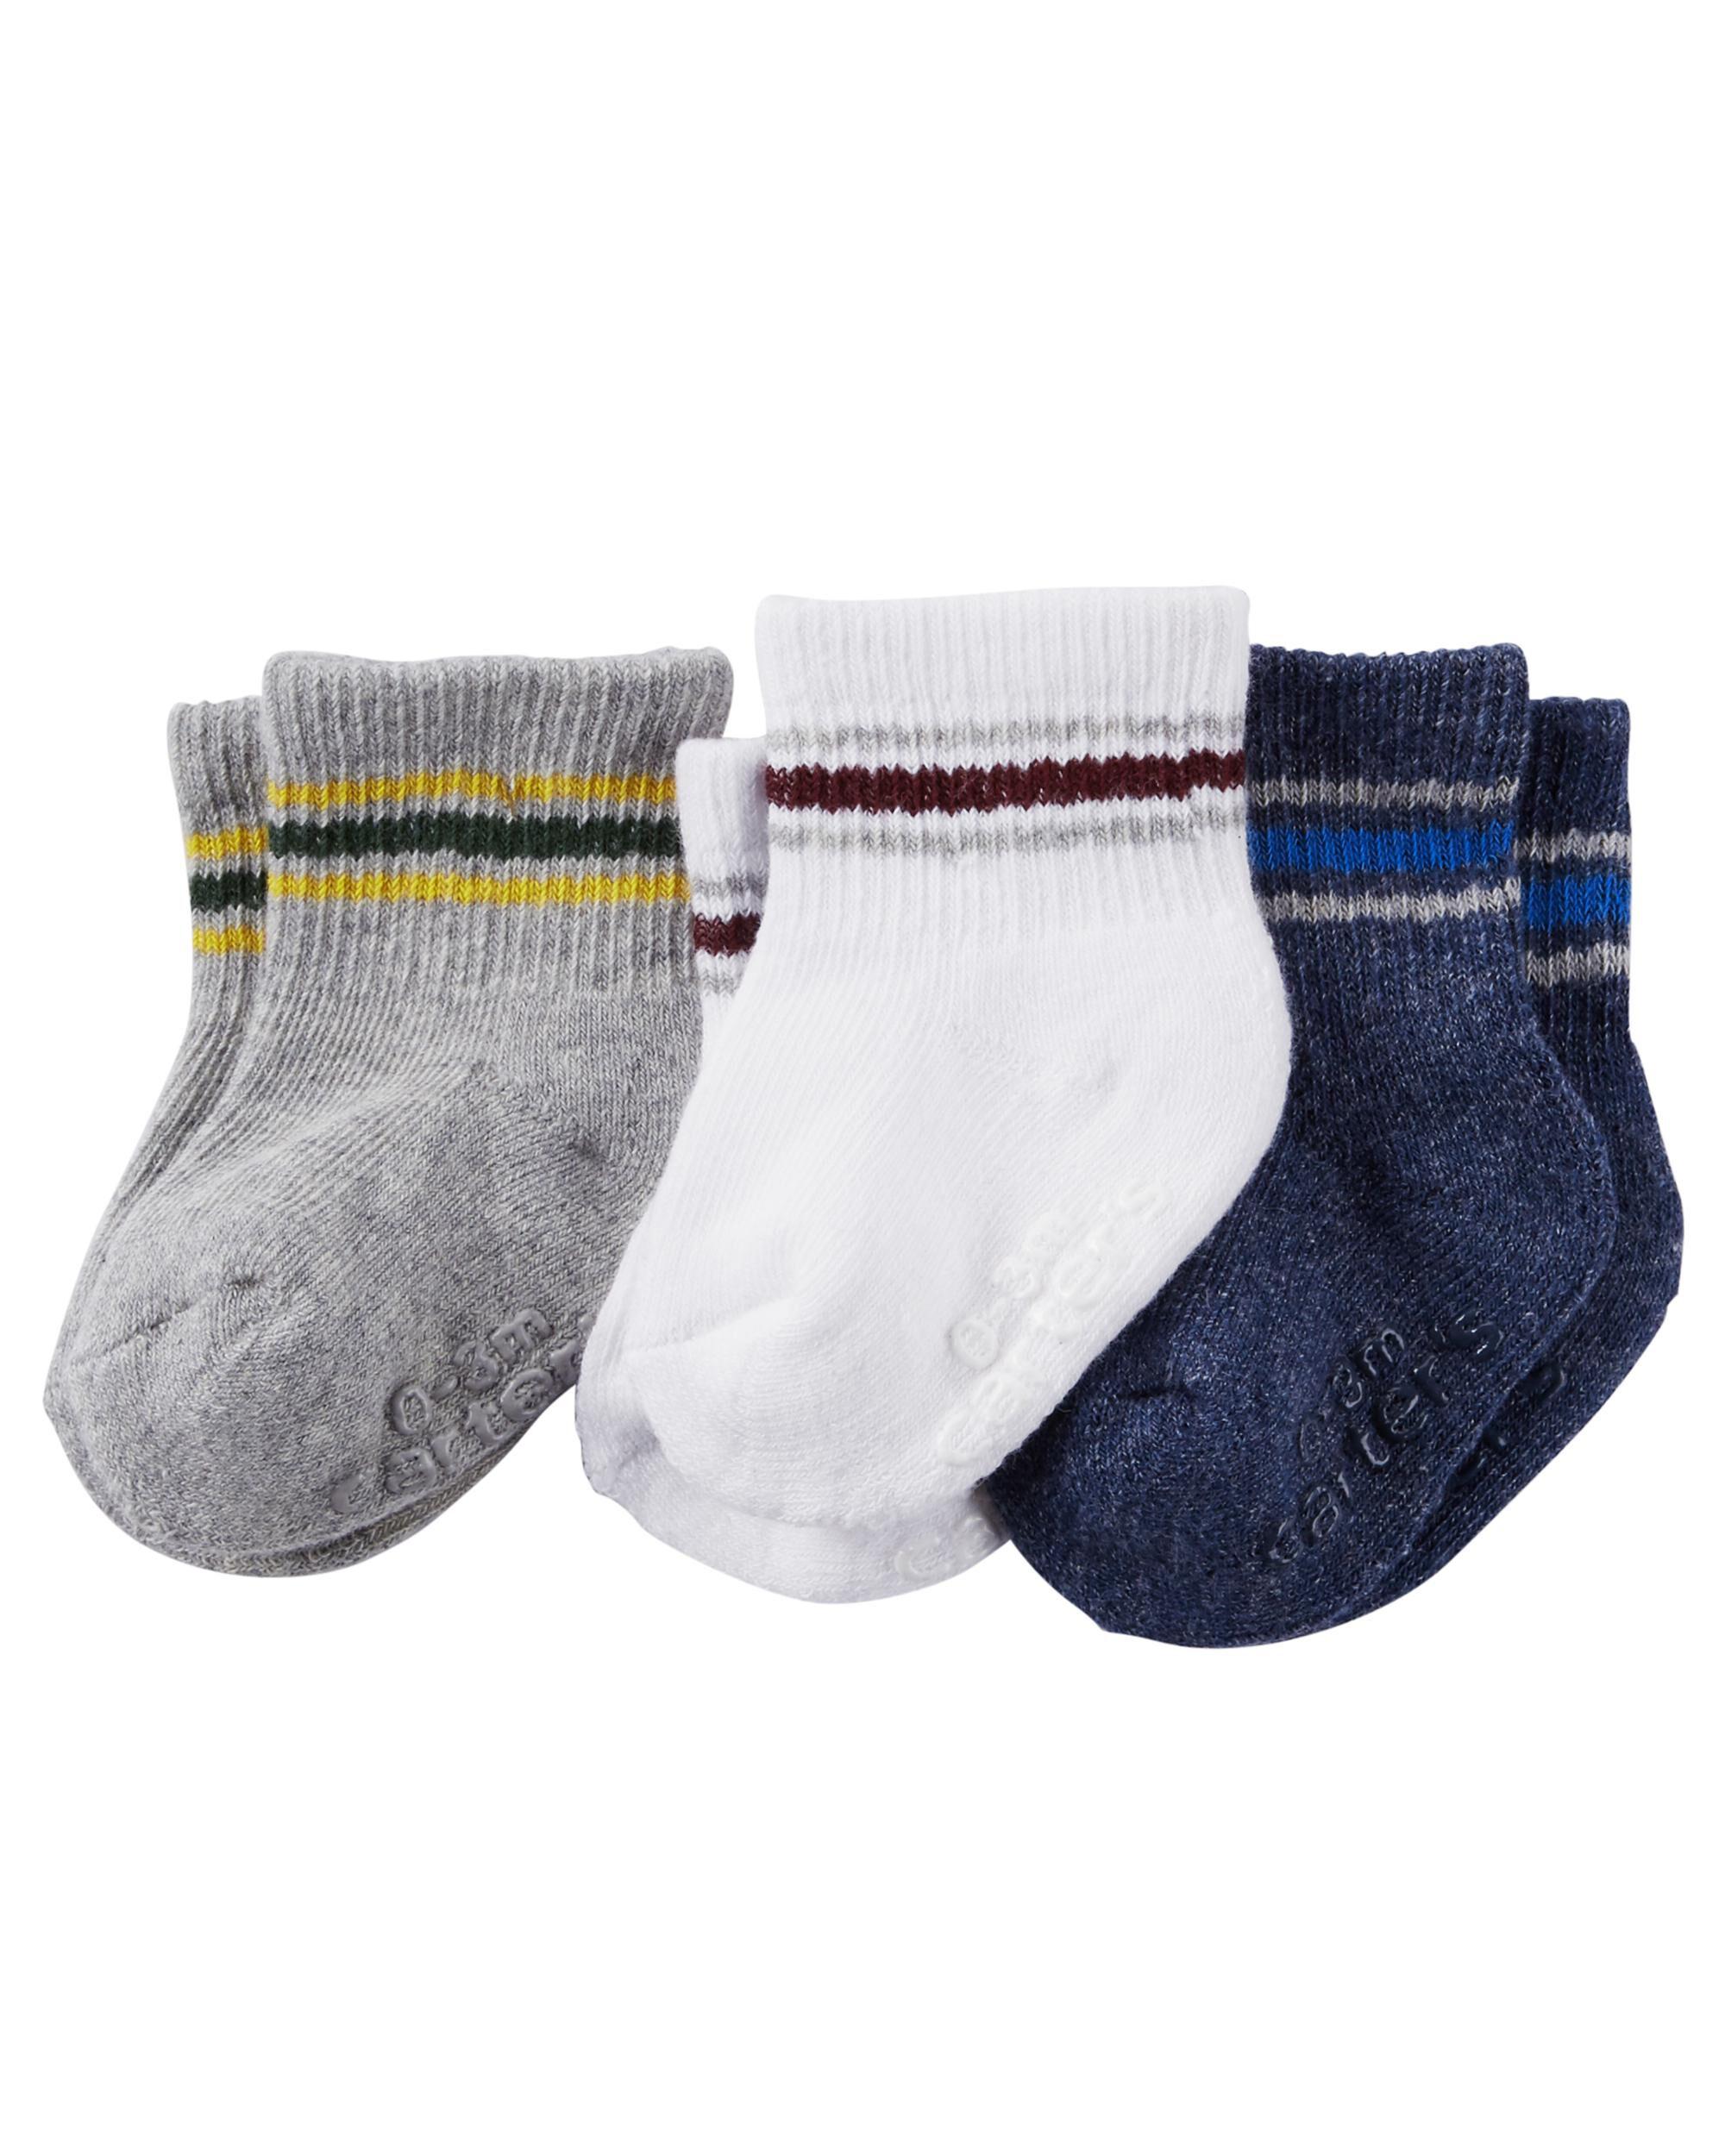 Carters Baby Boys 3-Pack Hi Socks